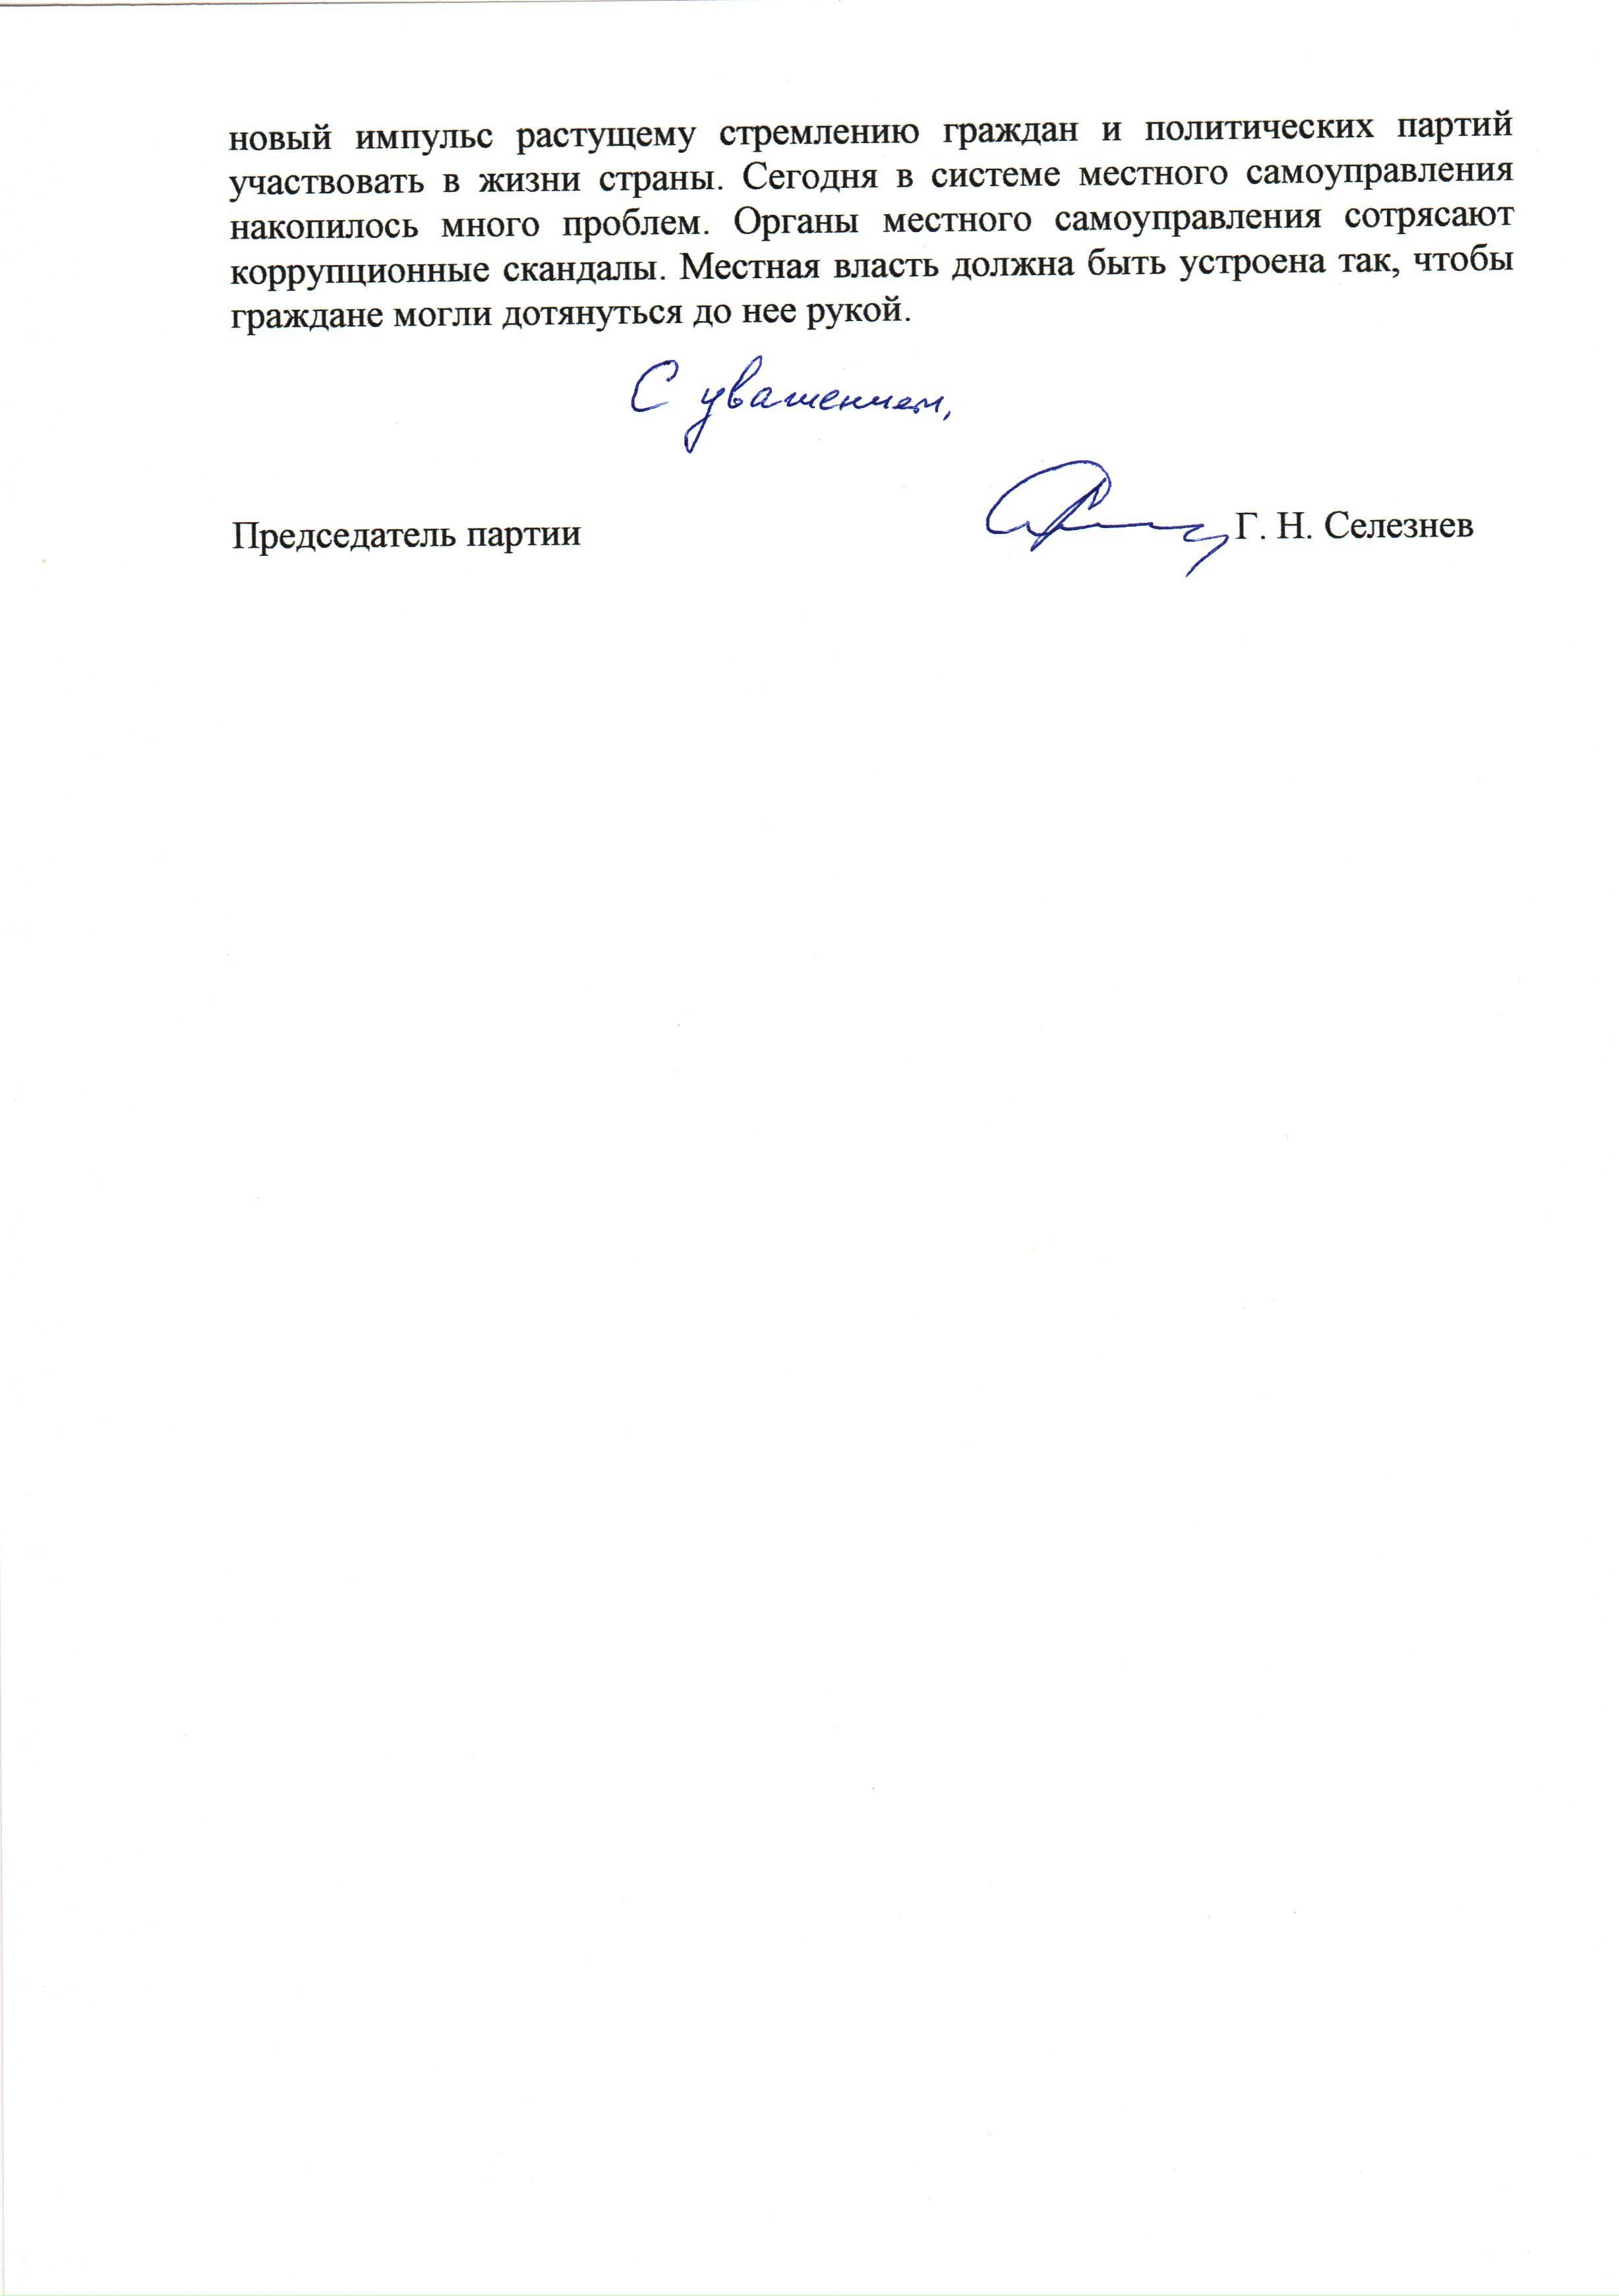 исх. 115 от 02.12.14_Page_2